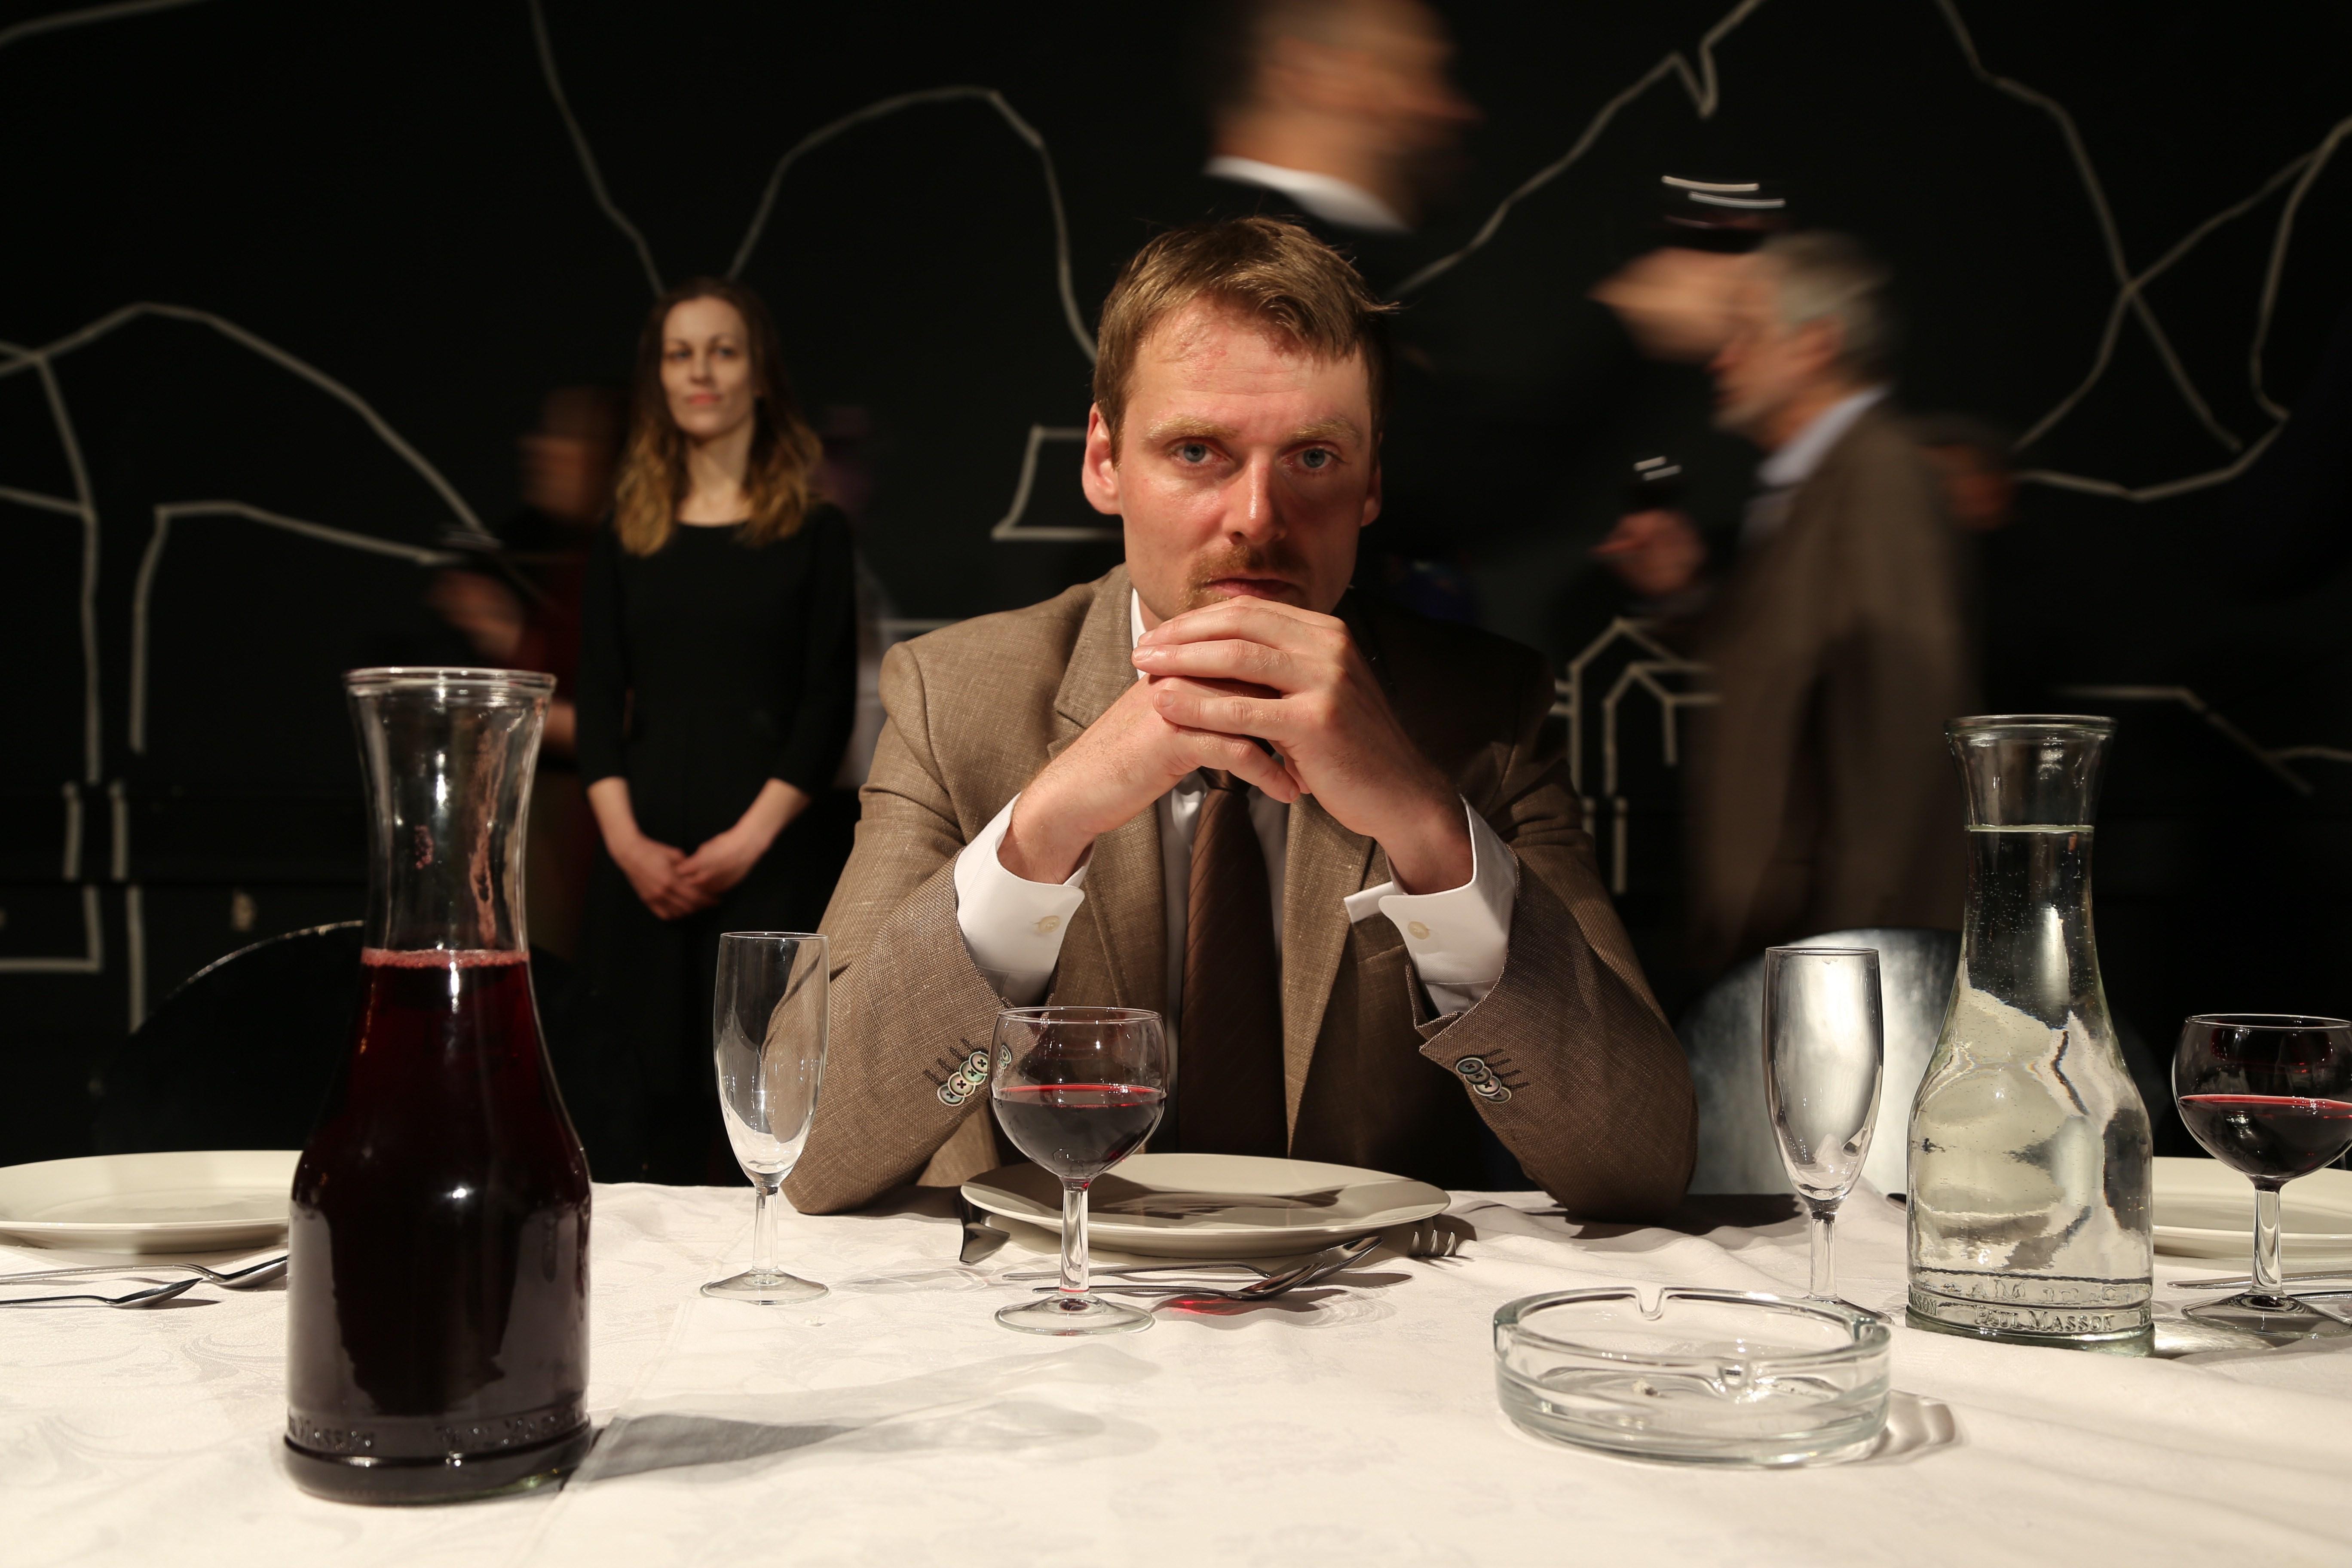 Anmeldelse: Veitsland alias Festen, Betty Nansen Teatret